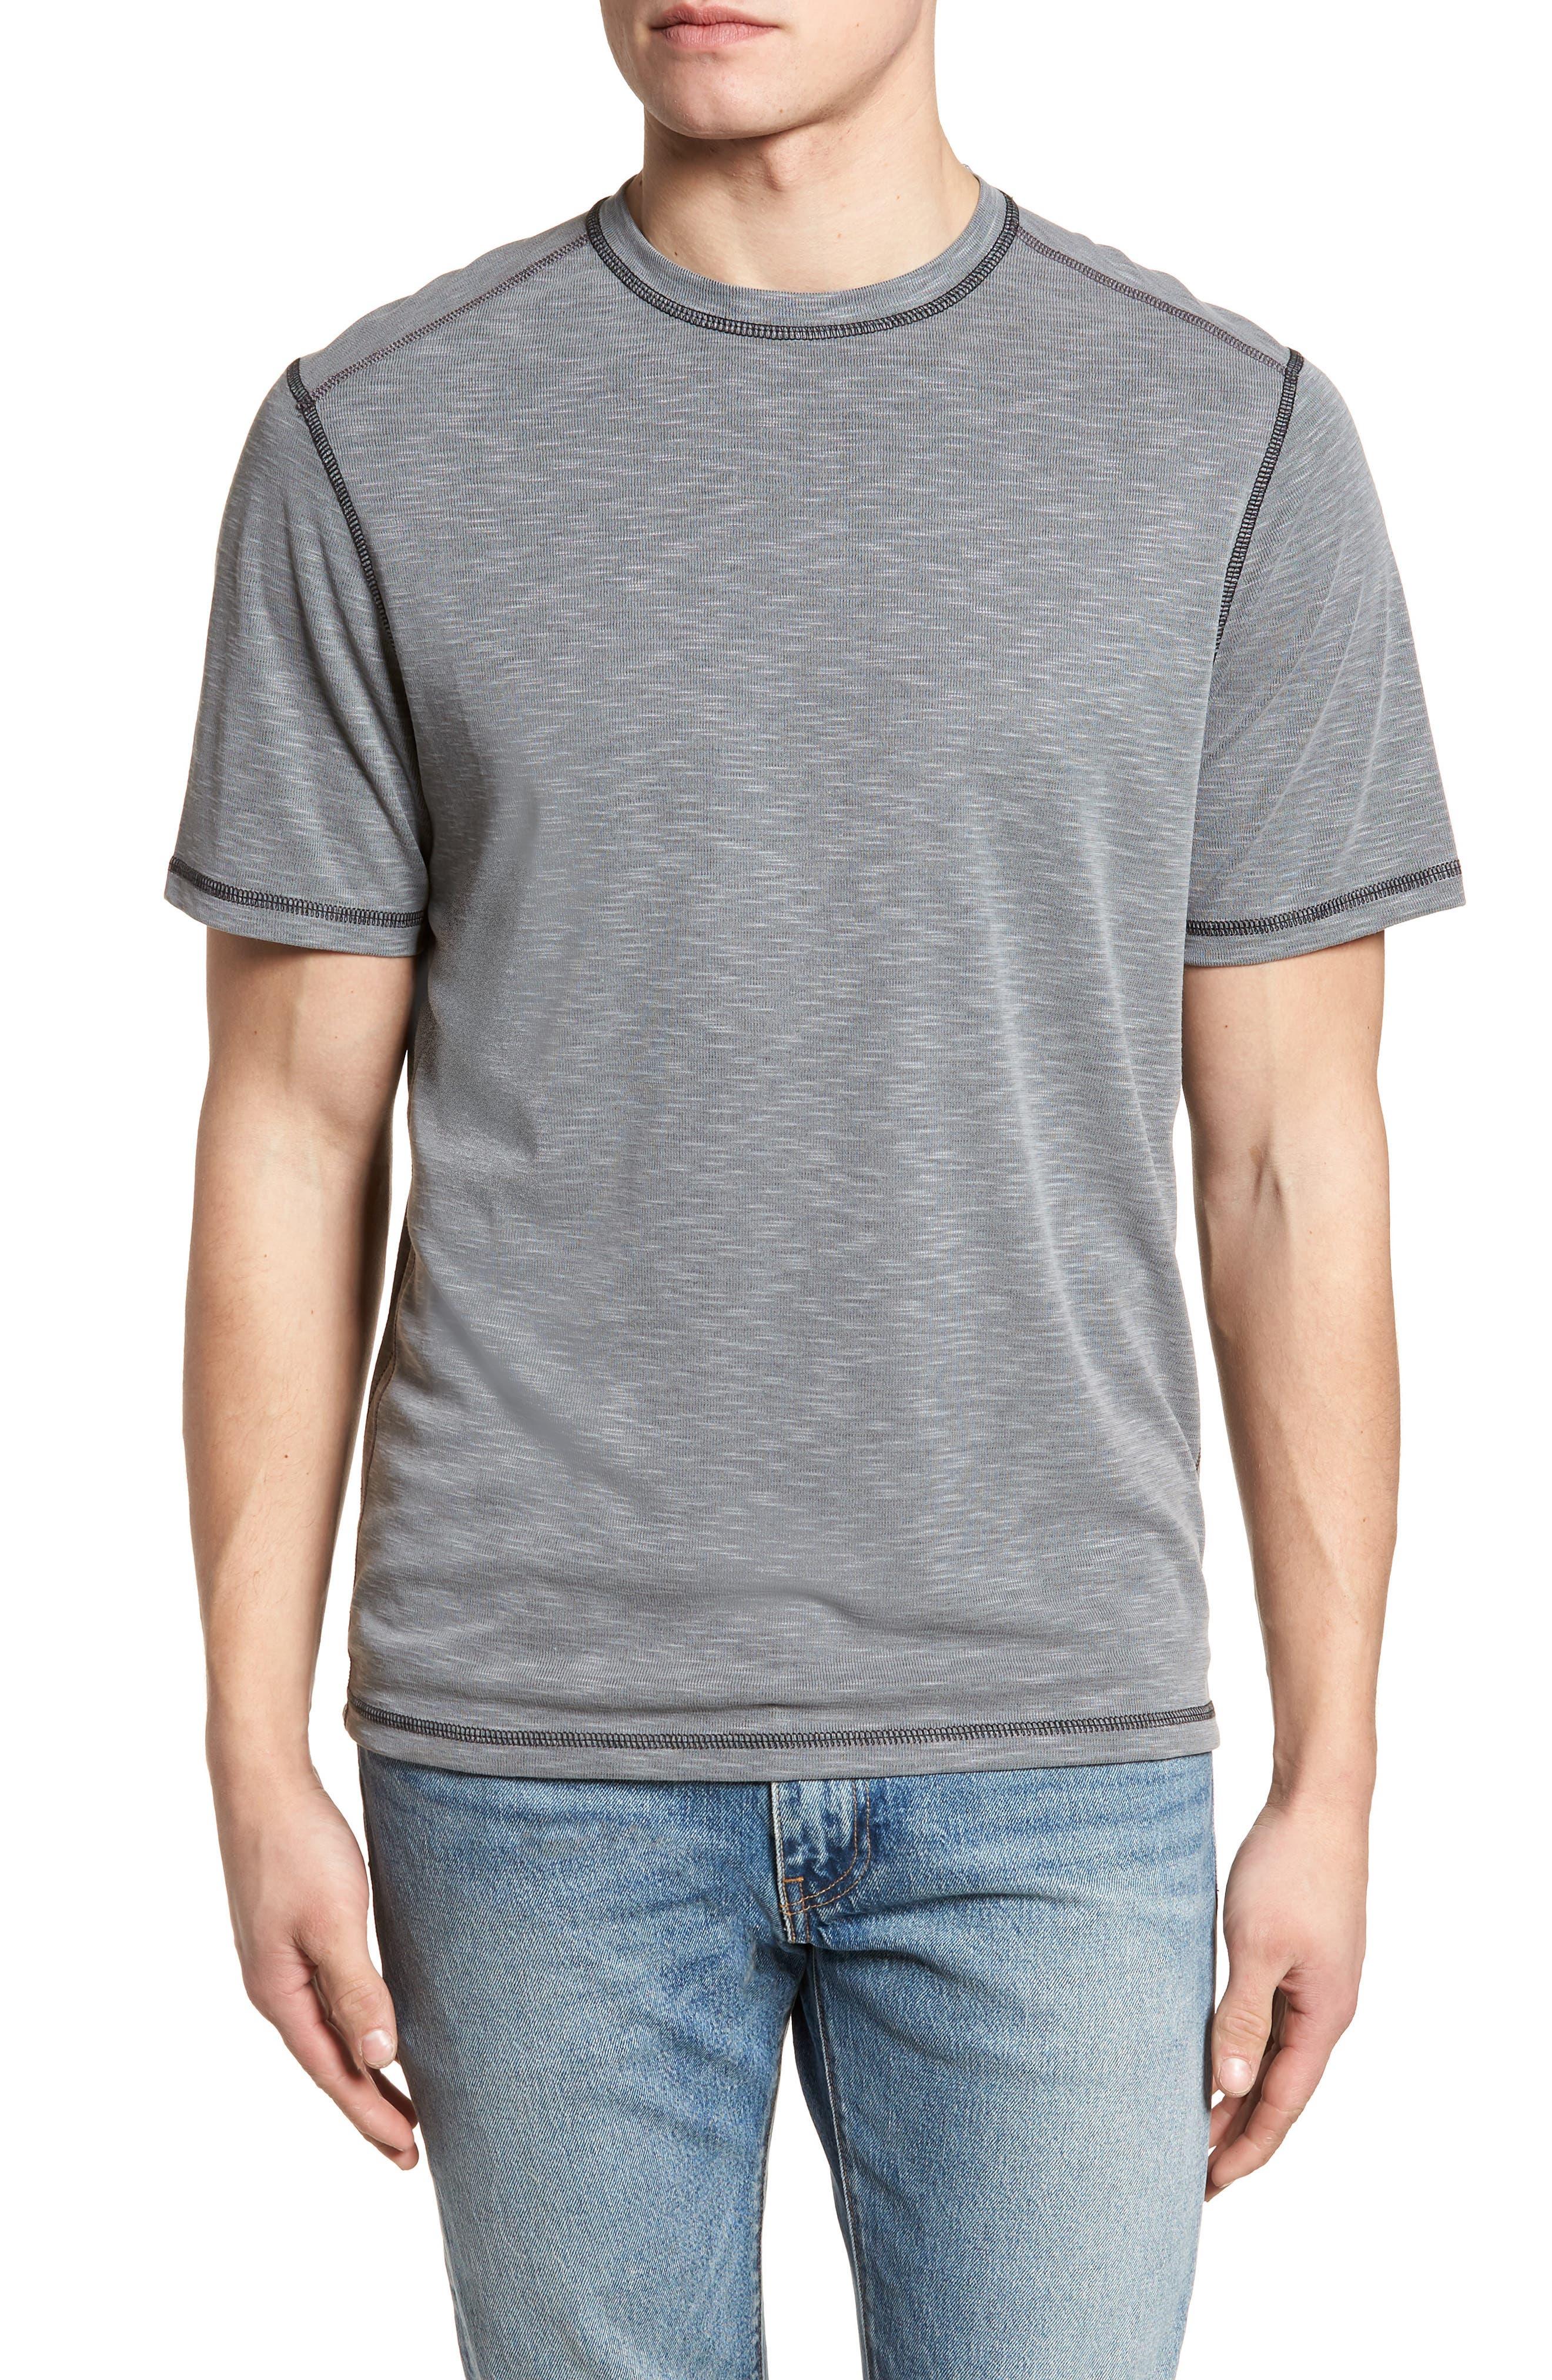 Flip Tide T-Shirt,                         Main,                         color, COAL